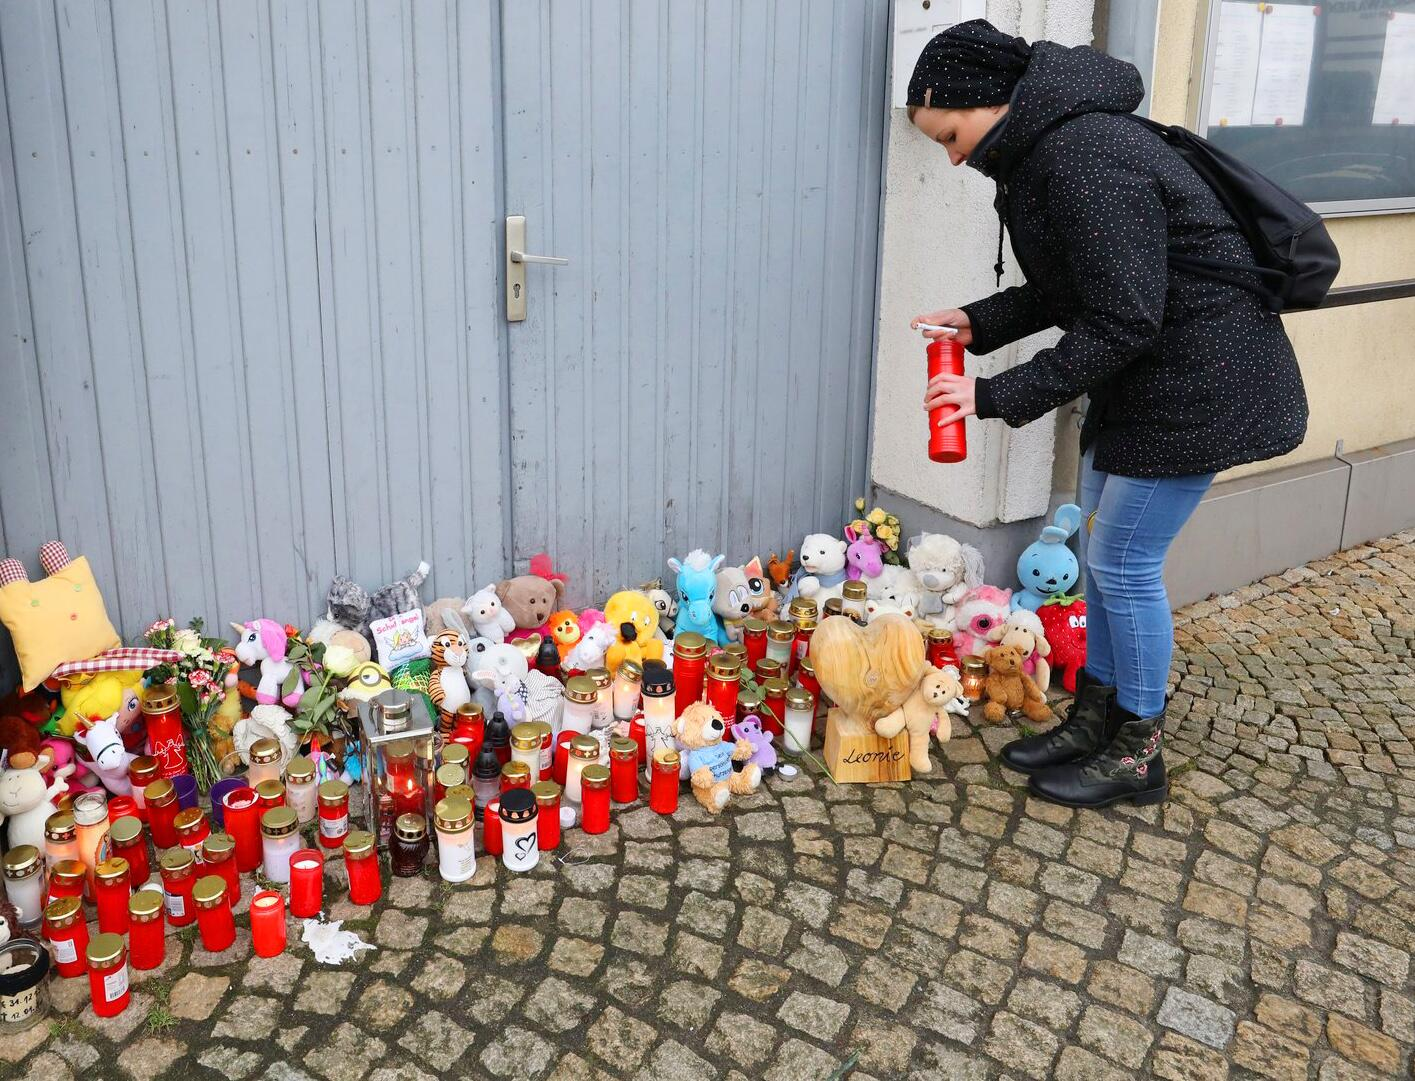 Bild zu Sechsjährige tot - Stiefvater verdächtig und auf Flucht